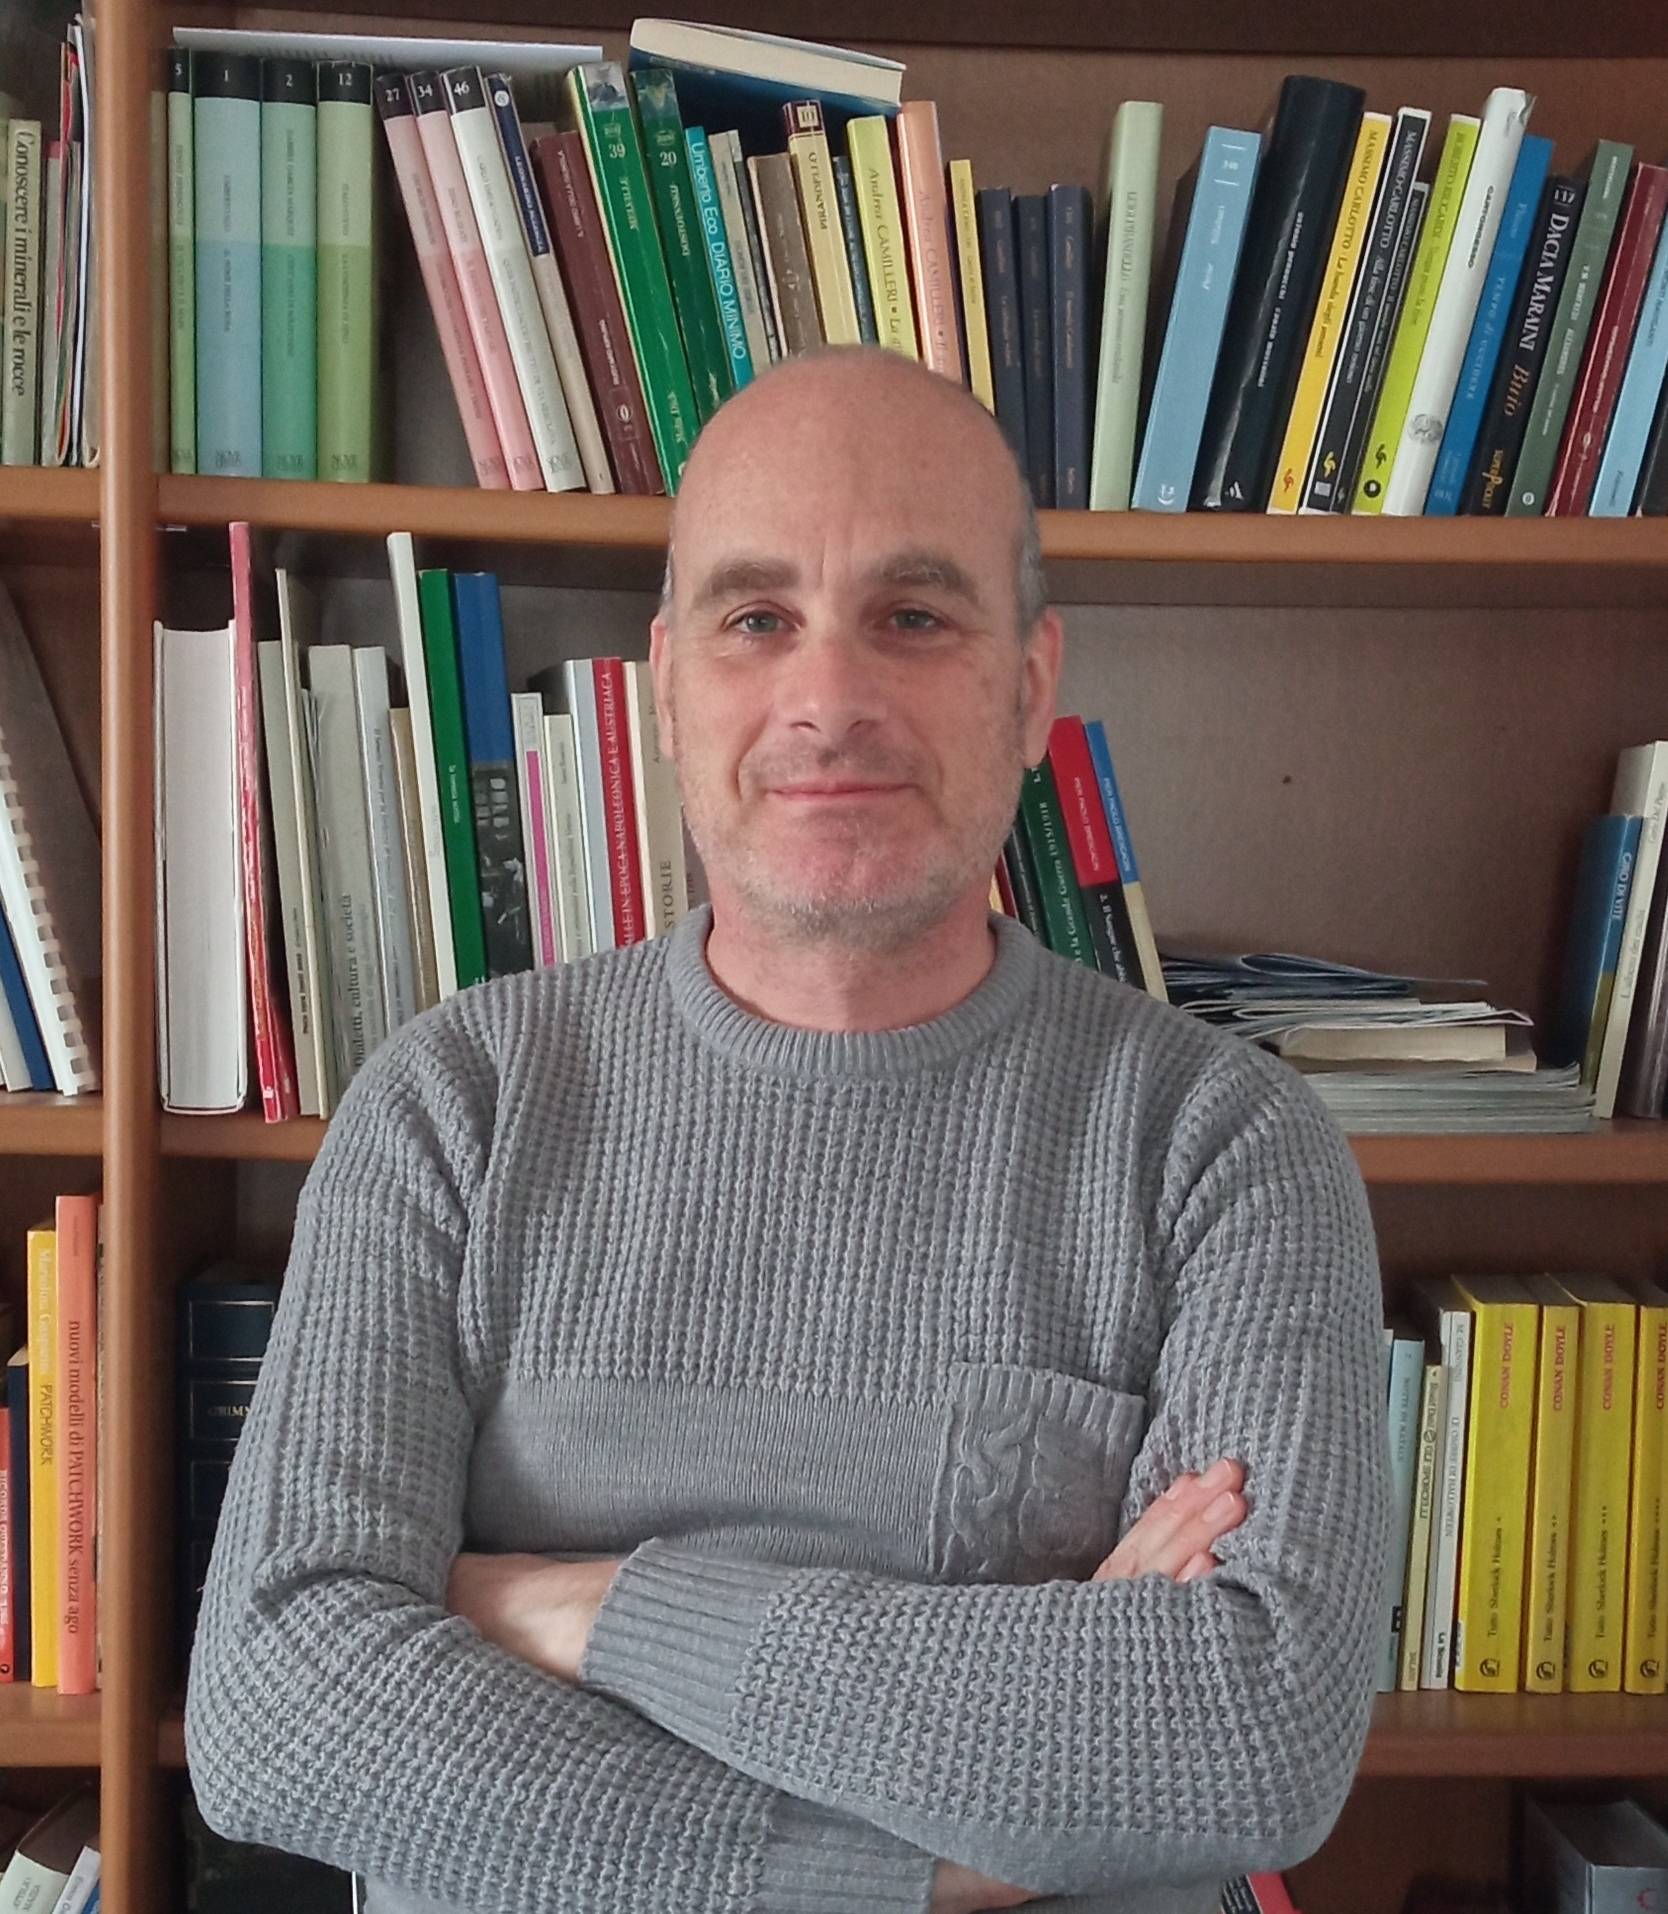 Alessandro Nardo